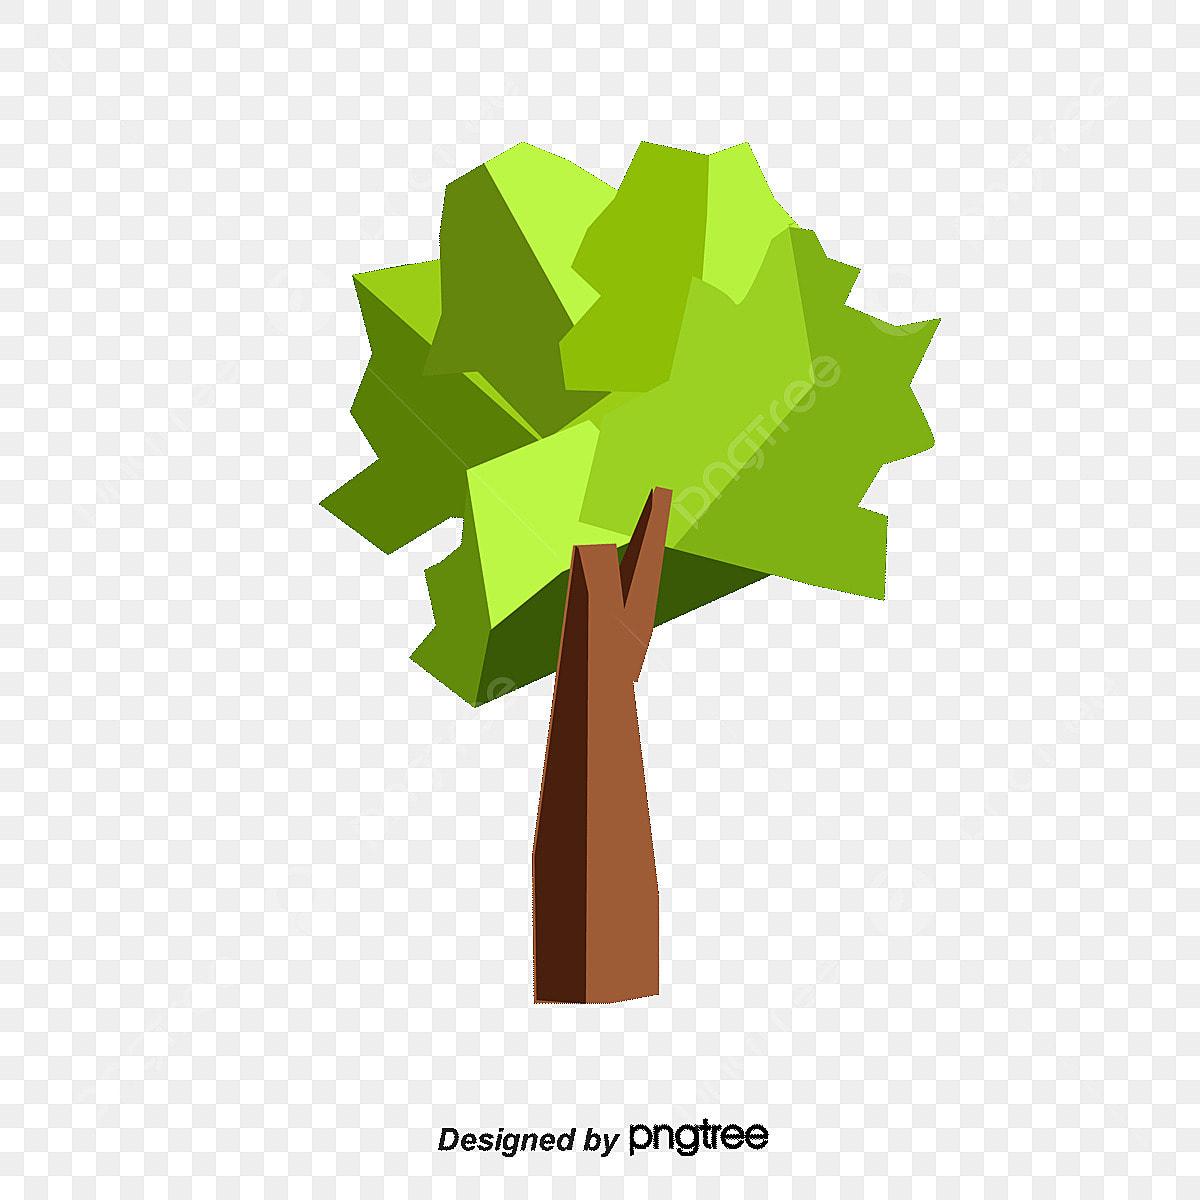 Dibujo Geometrico De Arboles, Dibujo Geometrico De Arboles, Color, Resumen  Arbol PNG y PSD para Descargar Gratis | Pngtree